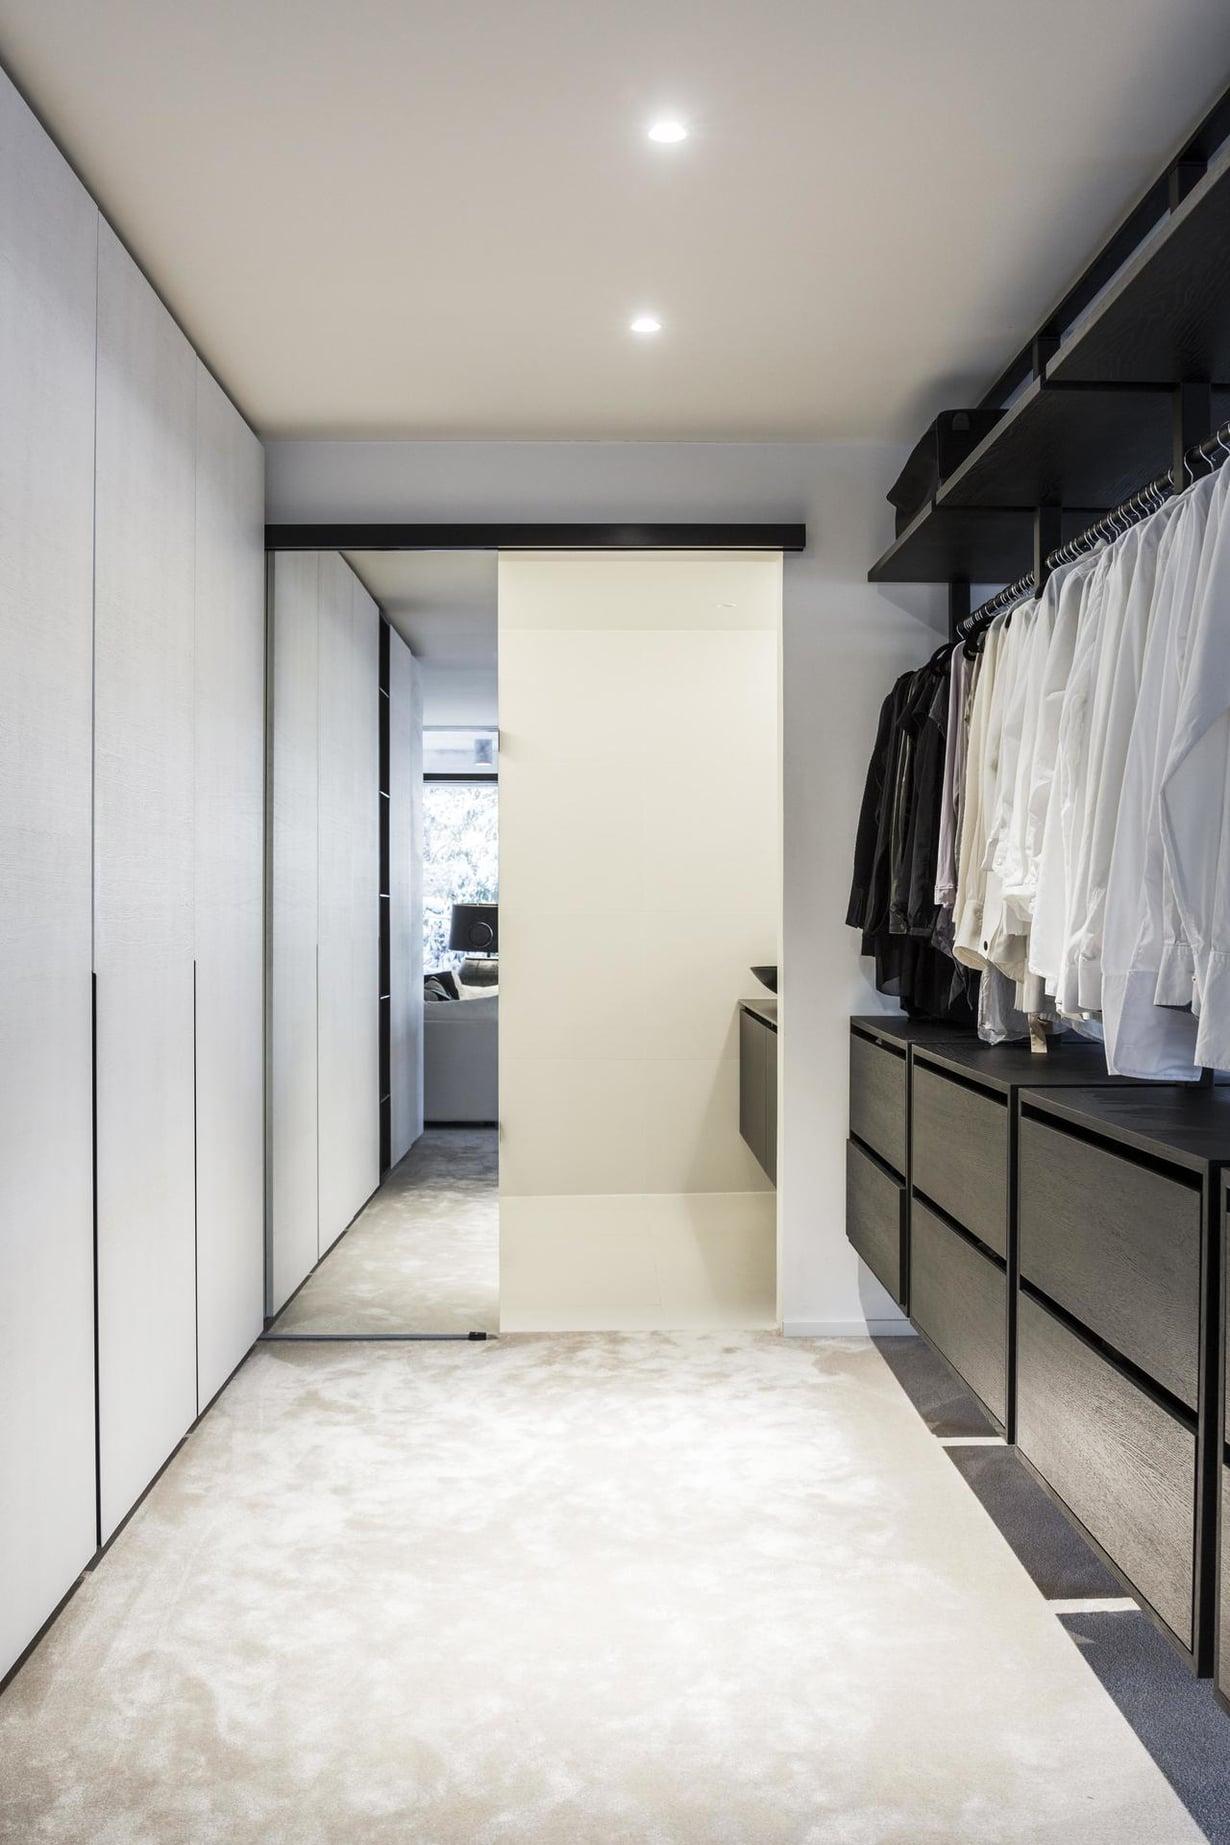 Alakerran pääkylpyhuoneeseen kuljetaan vaatehuoneen kautta. Tiloja erottaa peilistä tehty liukuovi. Säilytysjärjestelmä on koottu Heinin suunnitteleman valmiskalustejärjestelmän osista ja se on tulossa tuotantoon lähiaikoina.